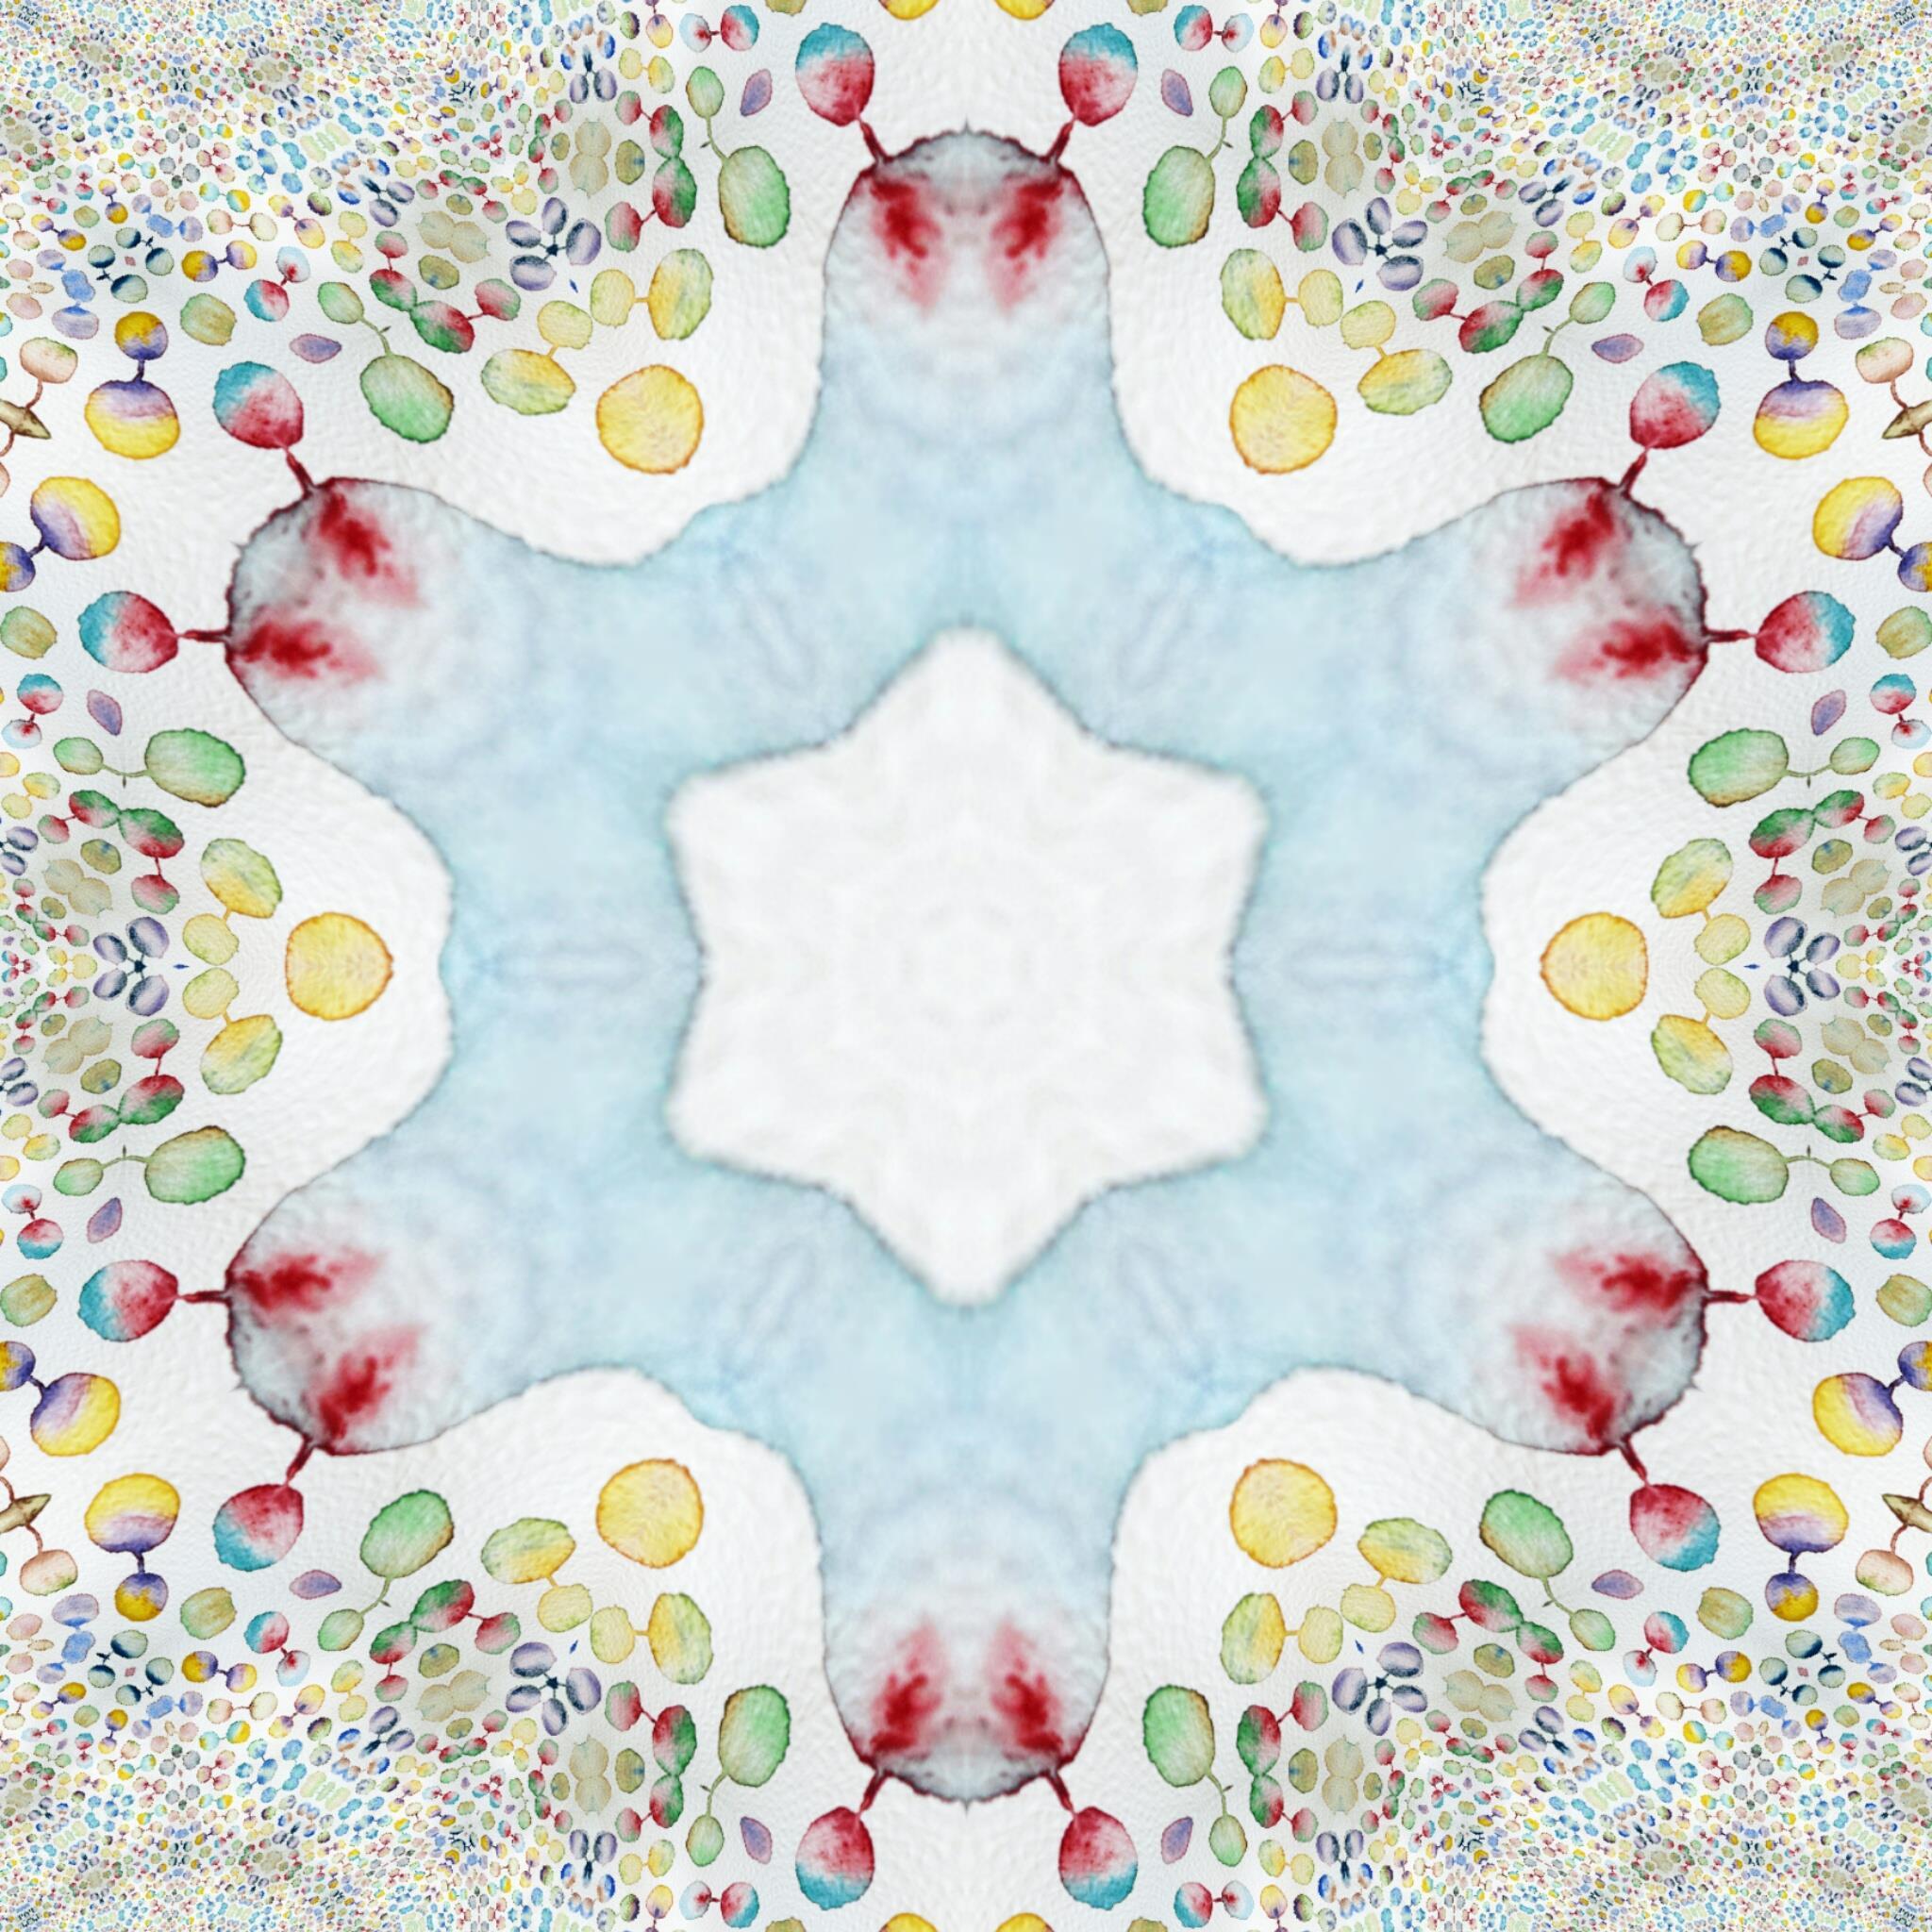 textura-acuarela-lunares (12)